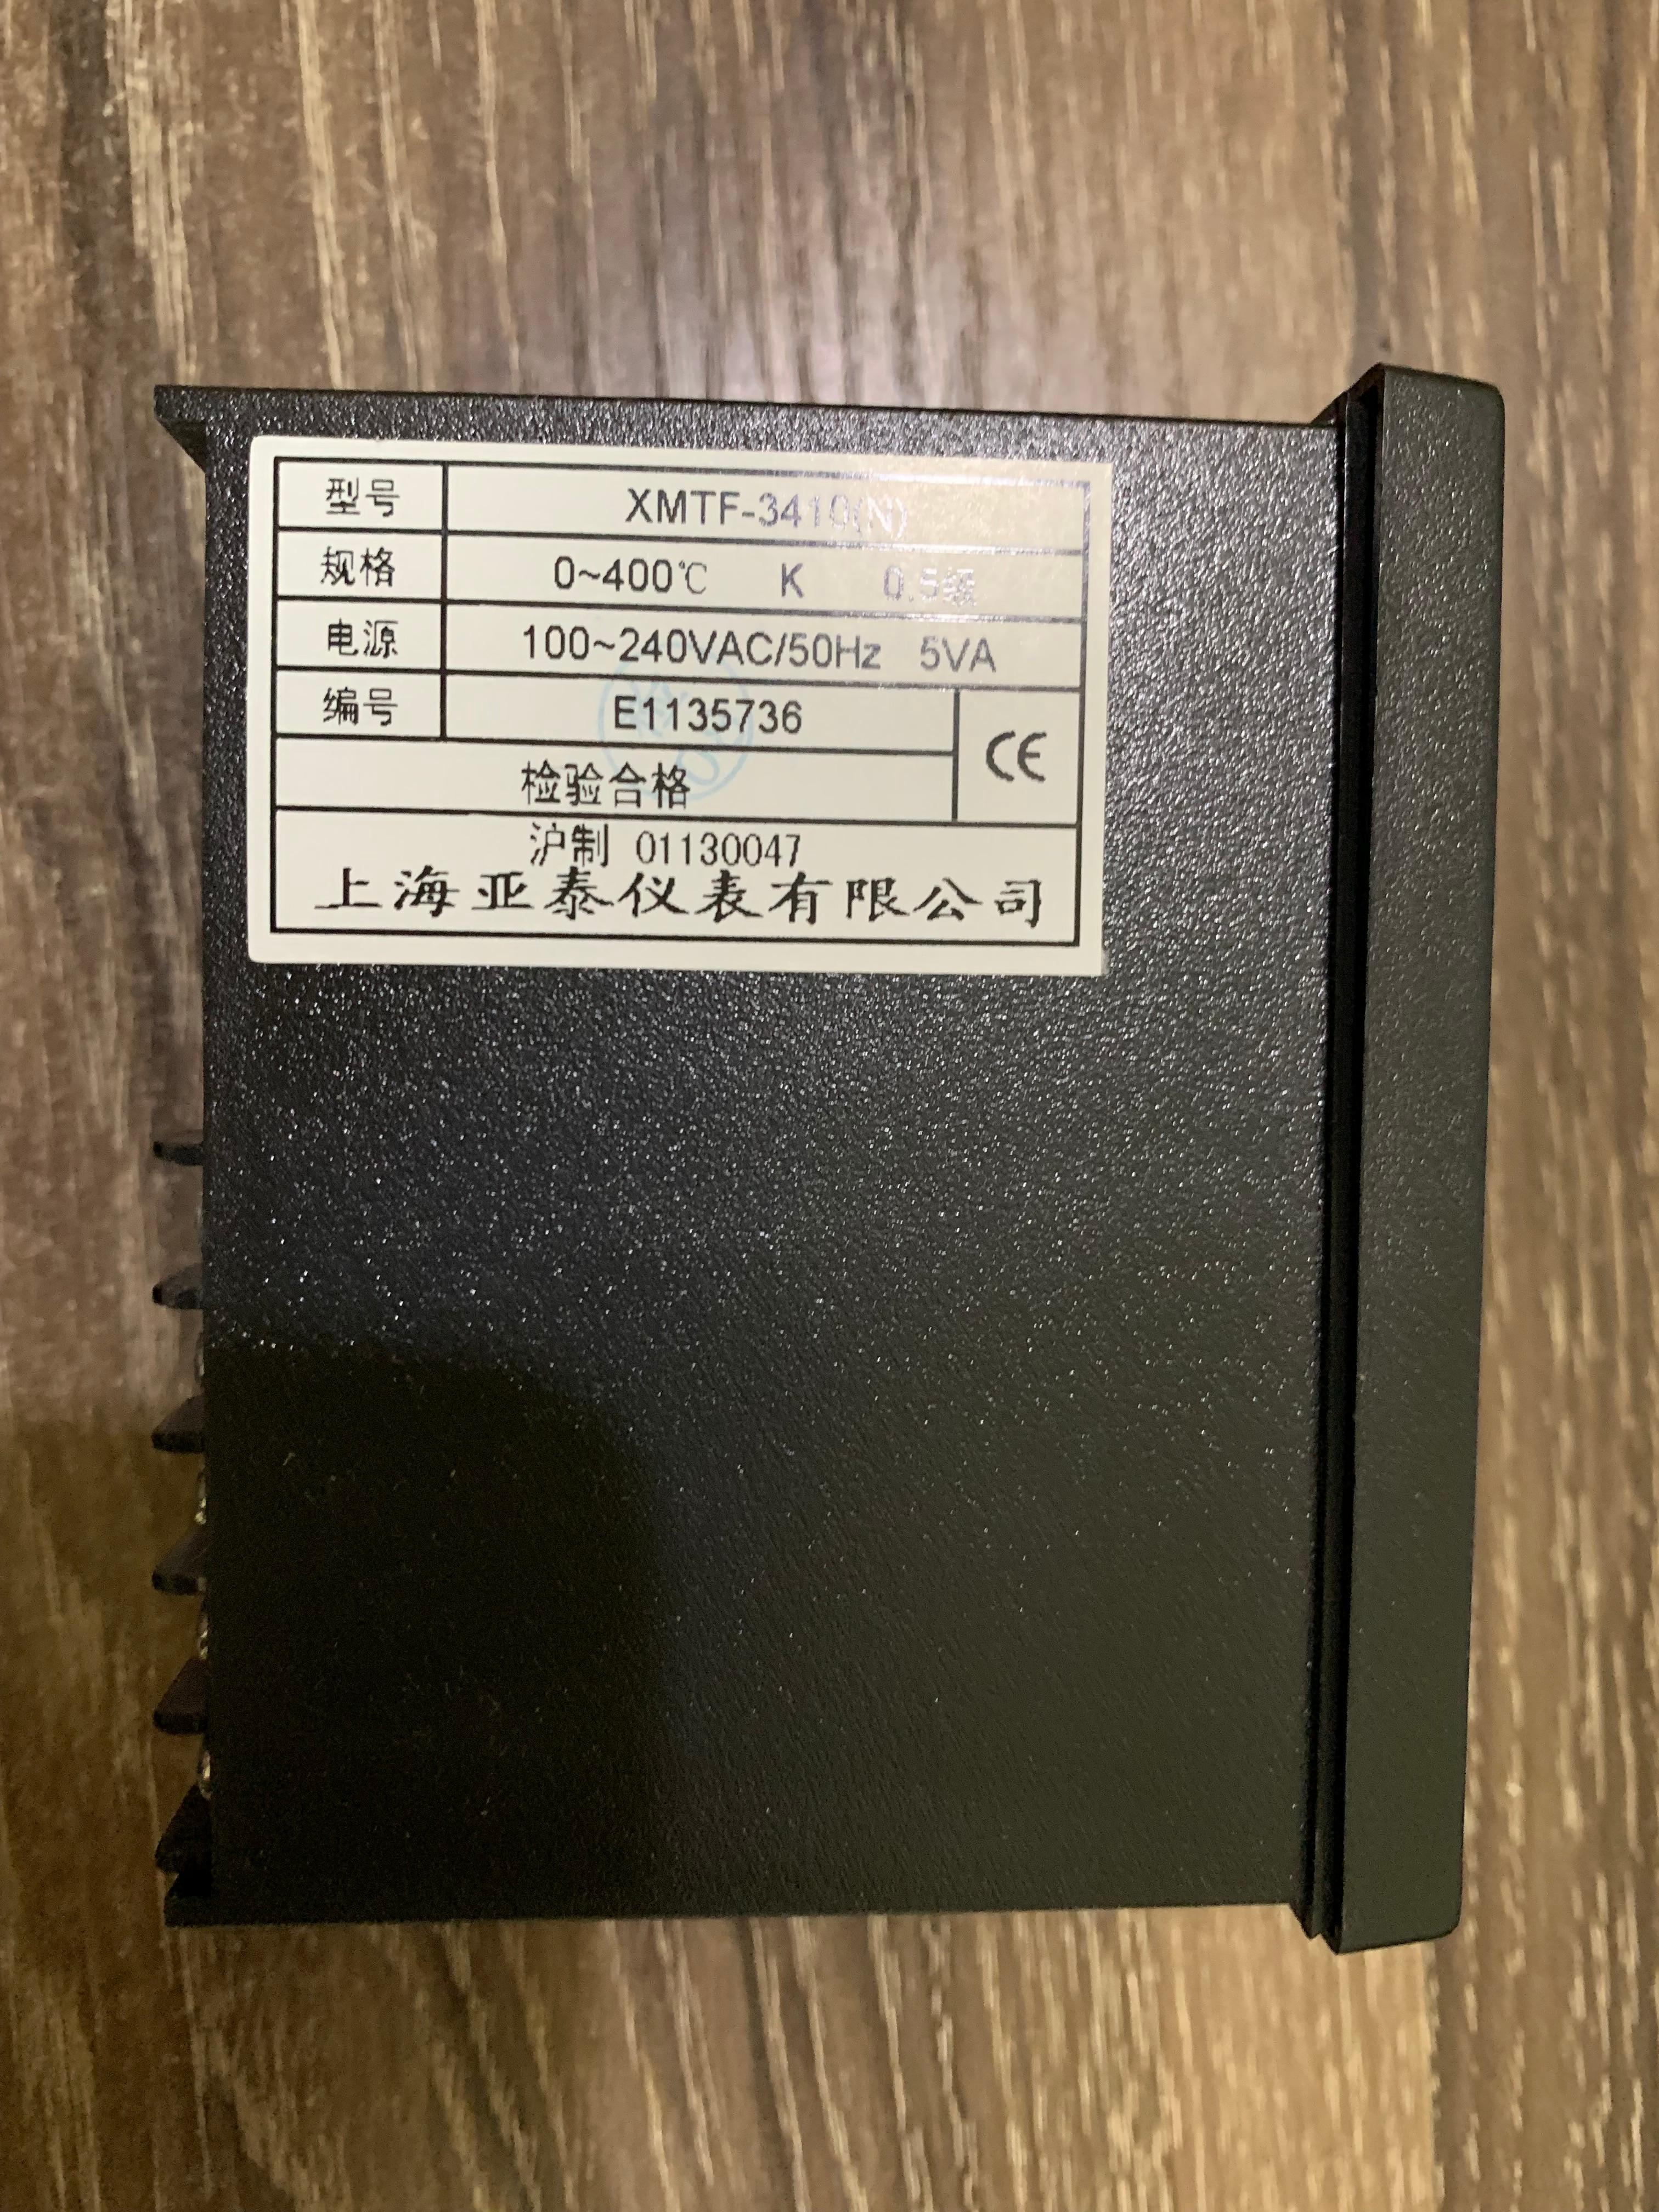 AISET Шанхай приборы XMTF 3410 термостат новый оригинальный